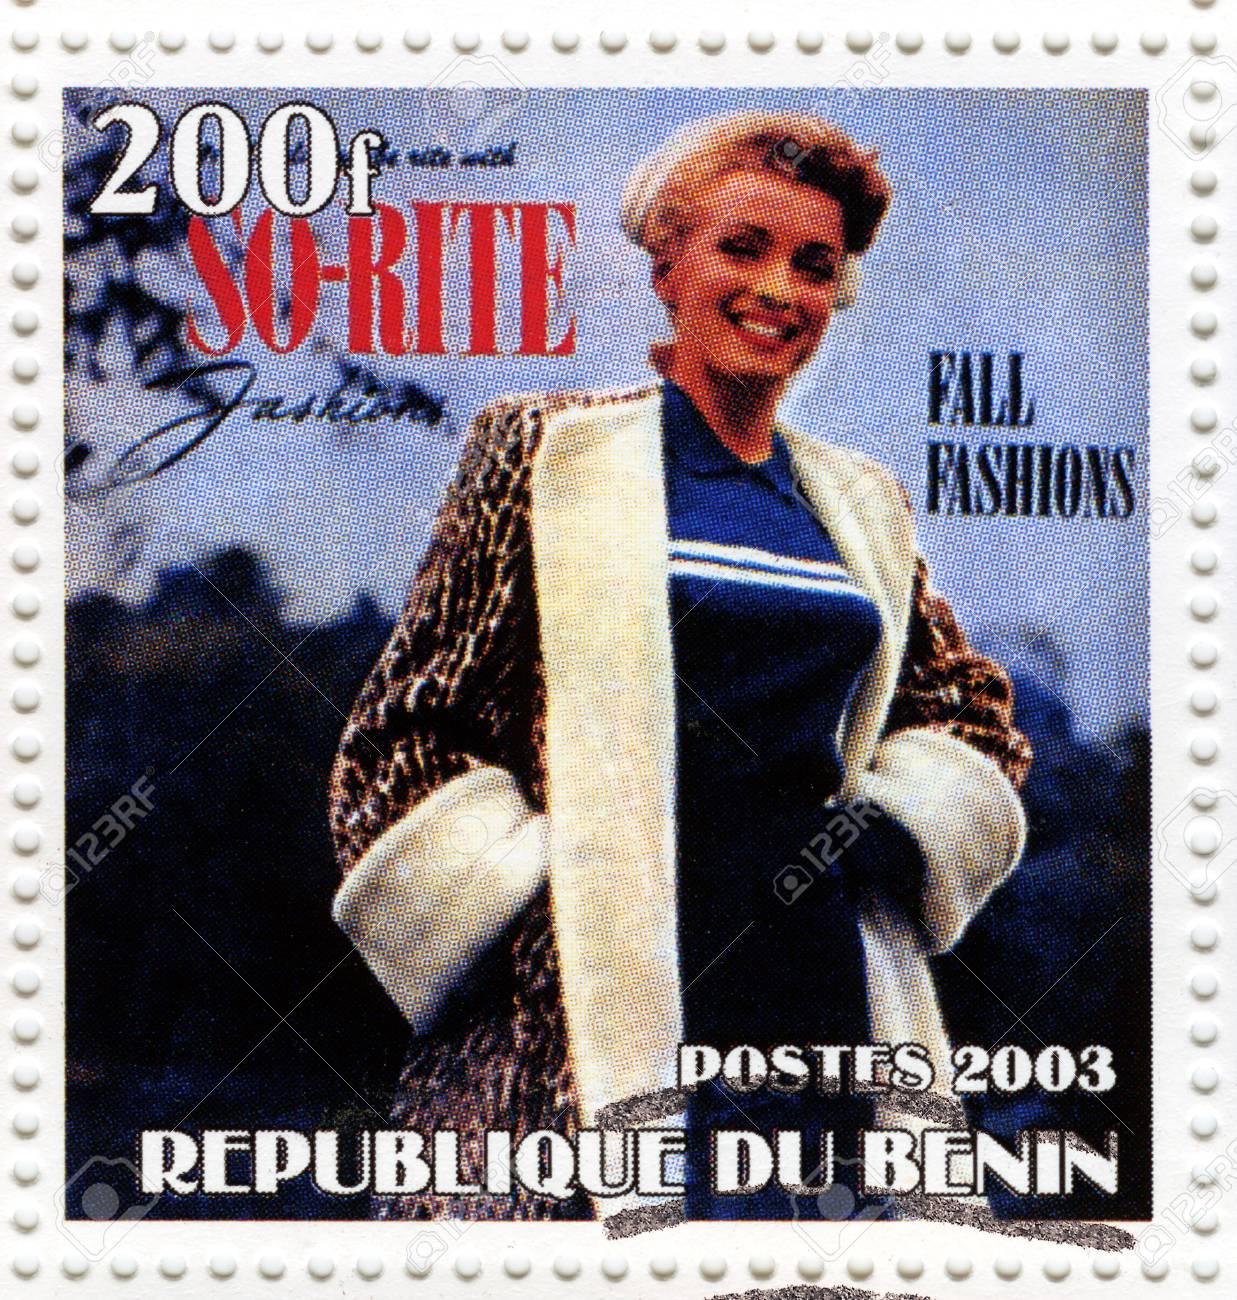 BENIN - CIRCA 2003 : stamp printed in Benin showing Marilyn Monroe popular actress in 1960s, circa 2003 Stock Photo - 16585955